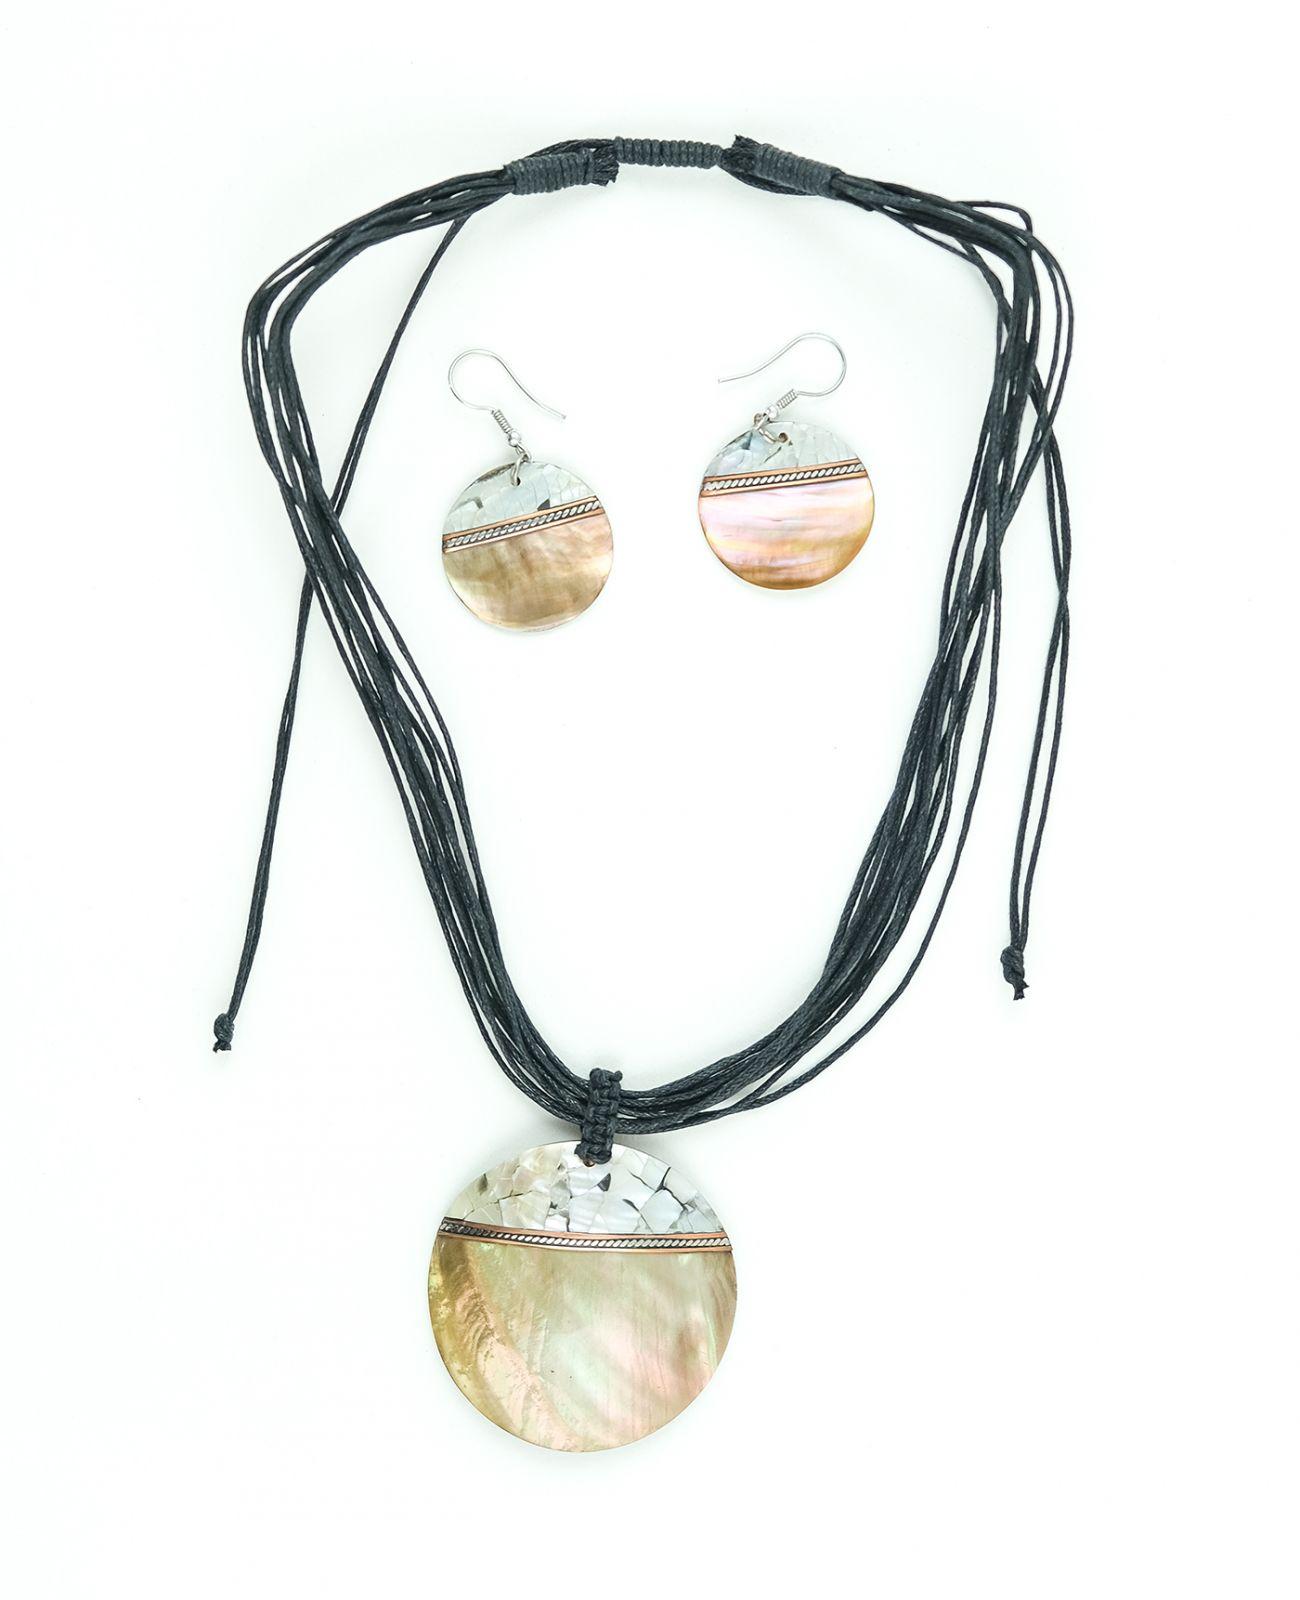 Sada provázkový náhrdelník a náušnice z přírodních materiálů - ID1609102-033